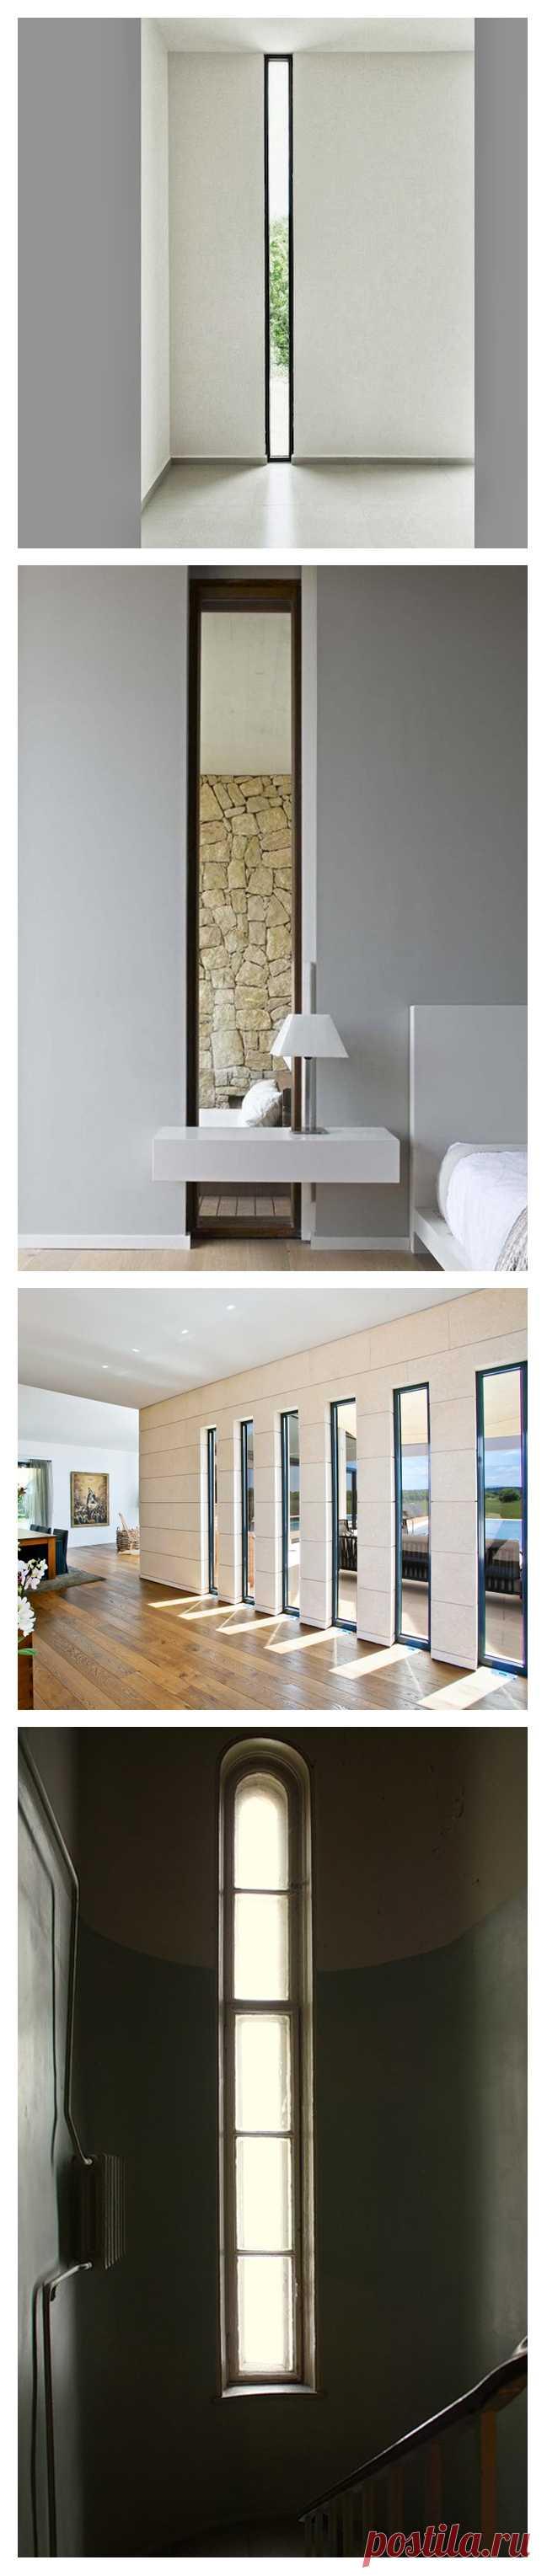 Узкие окна. Головная боль строителей или эффектная деталь интерьера?